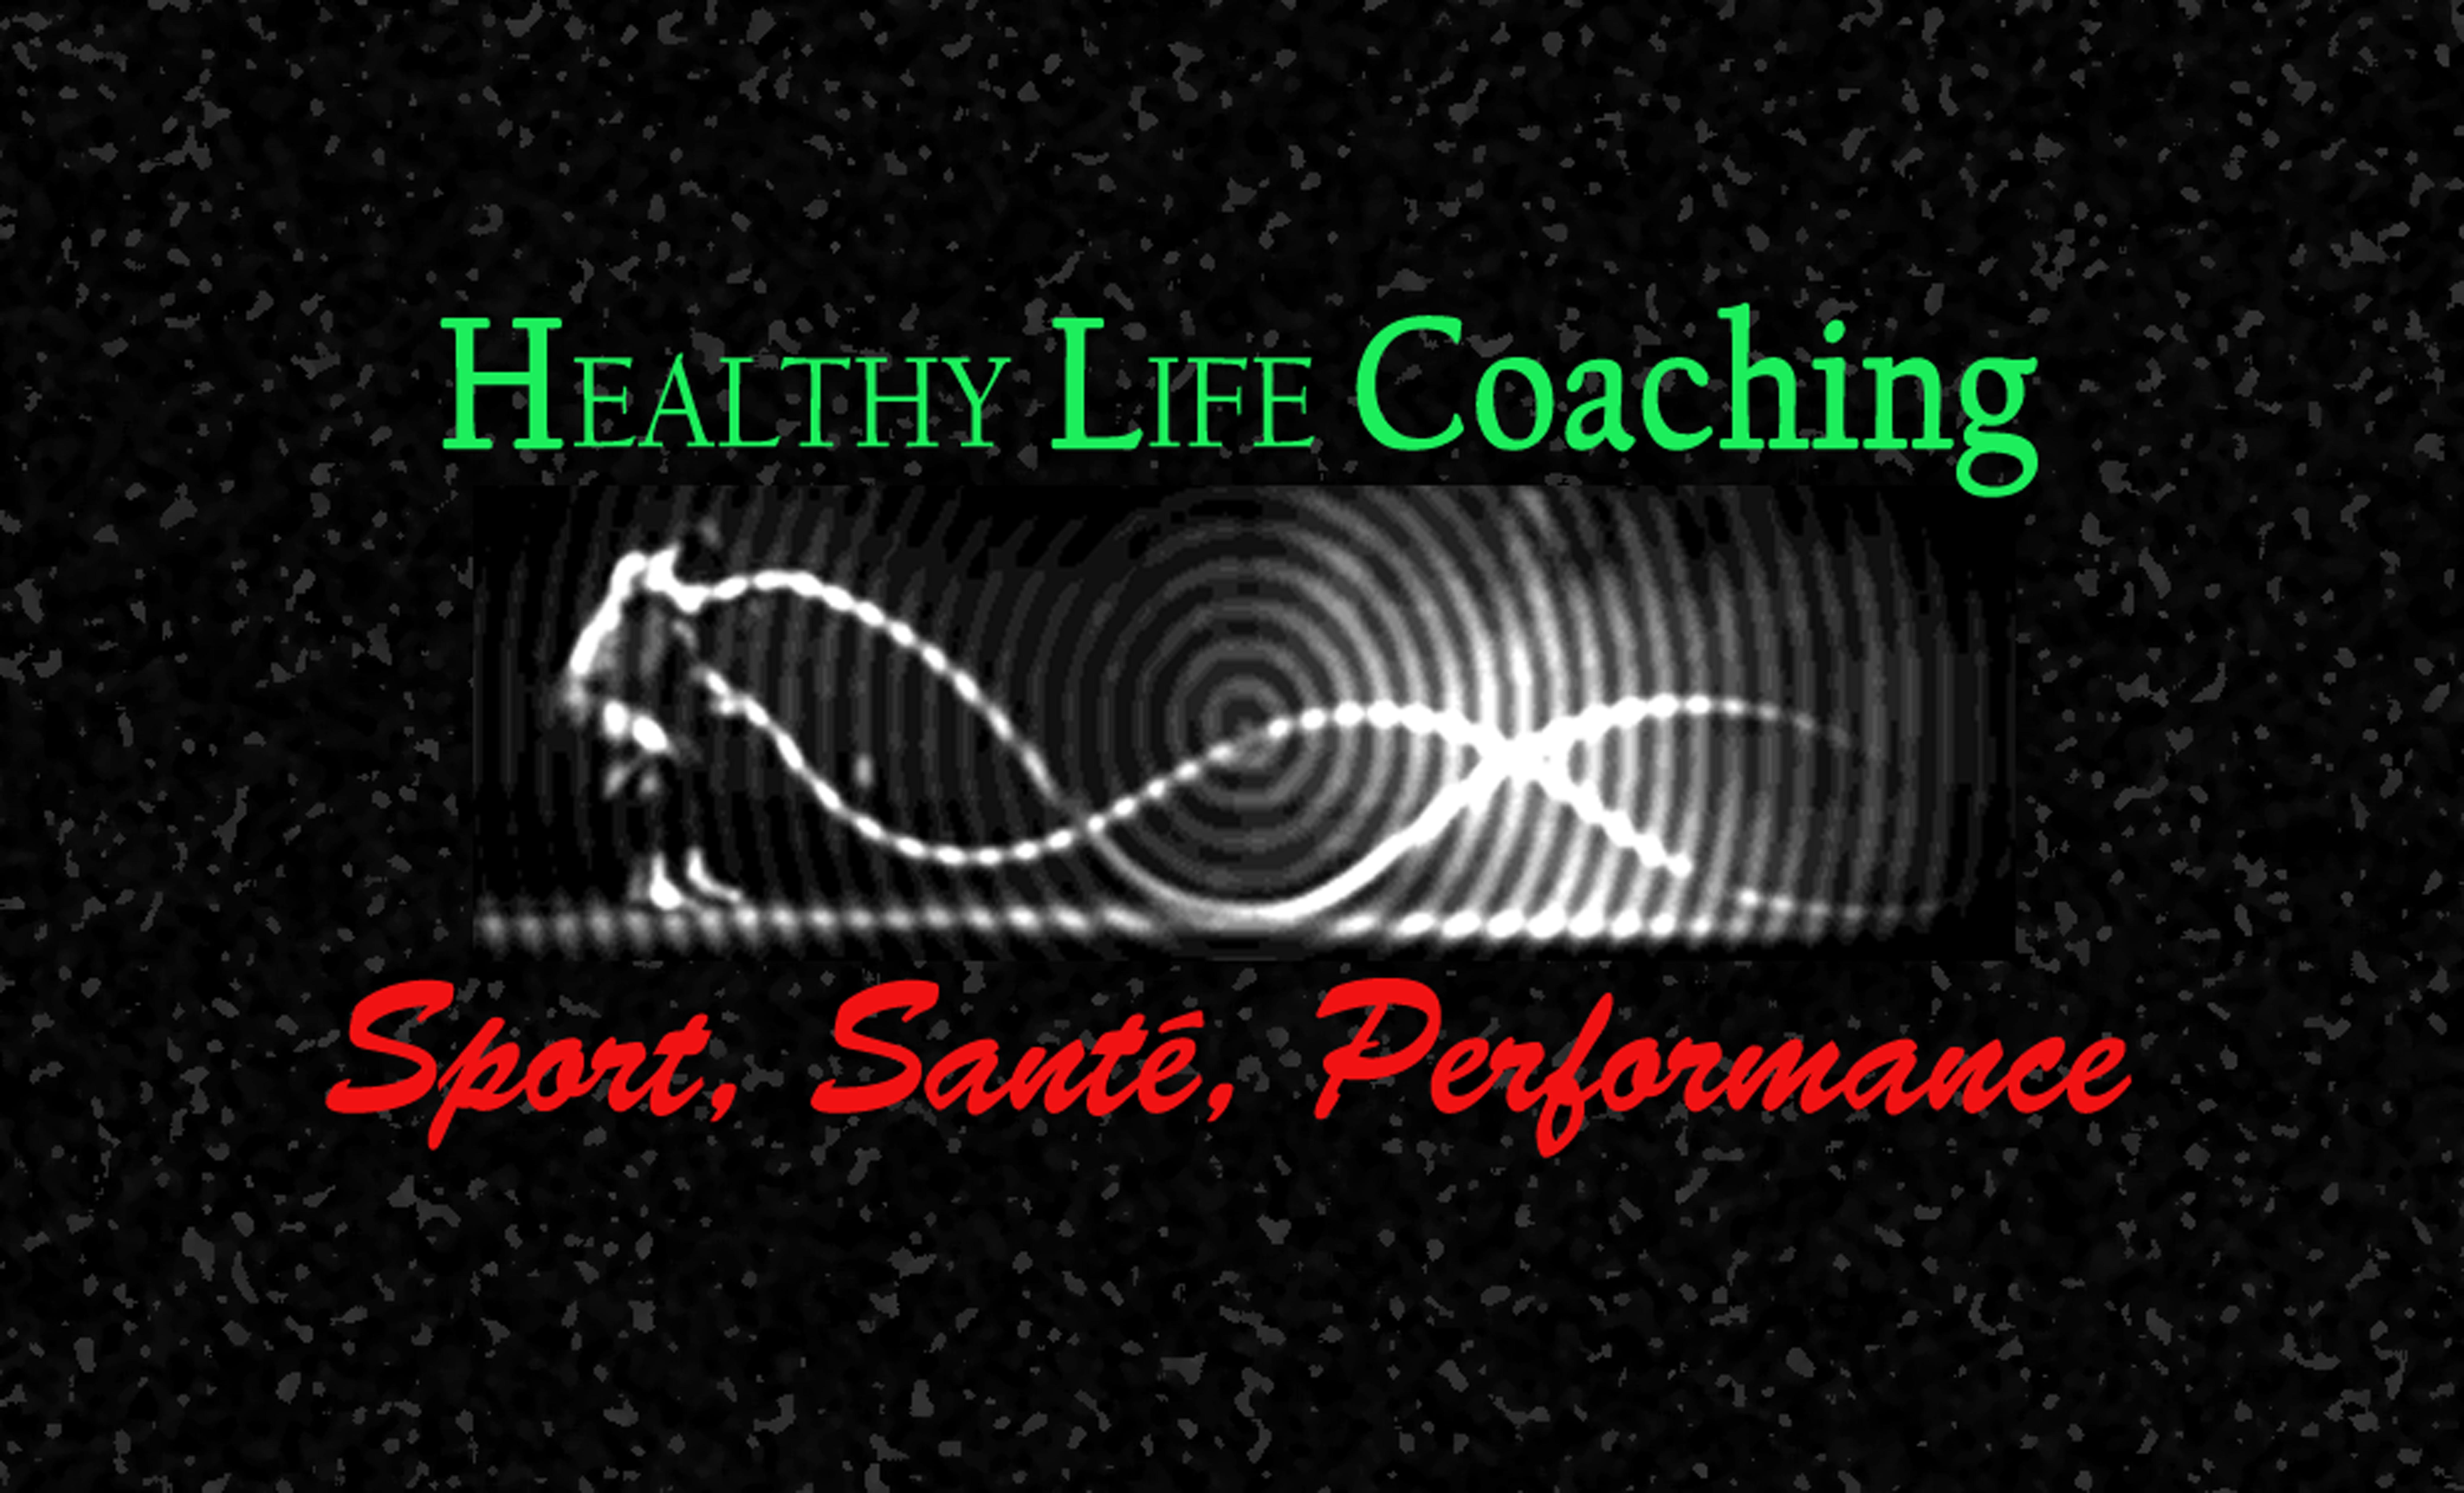 Healthy Life Coaching